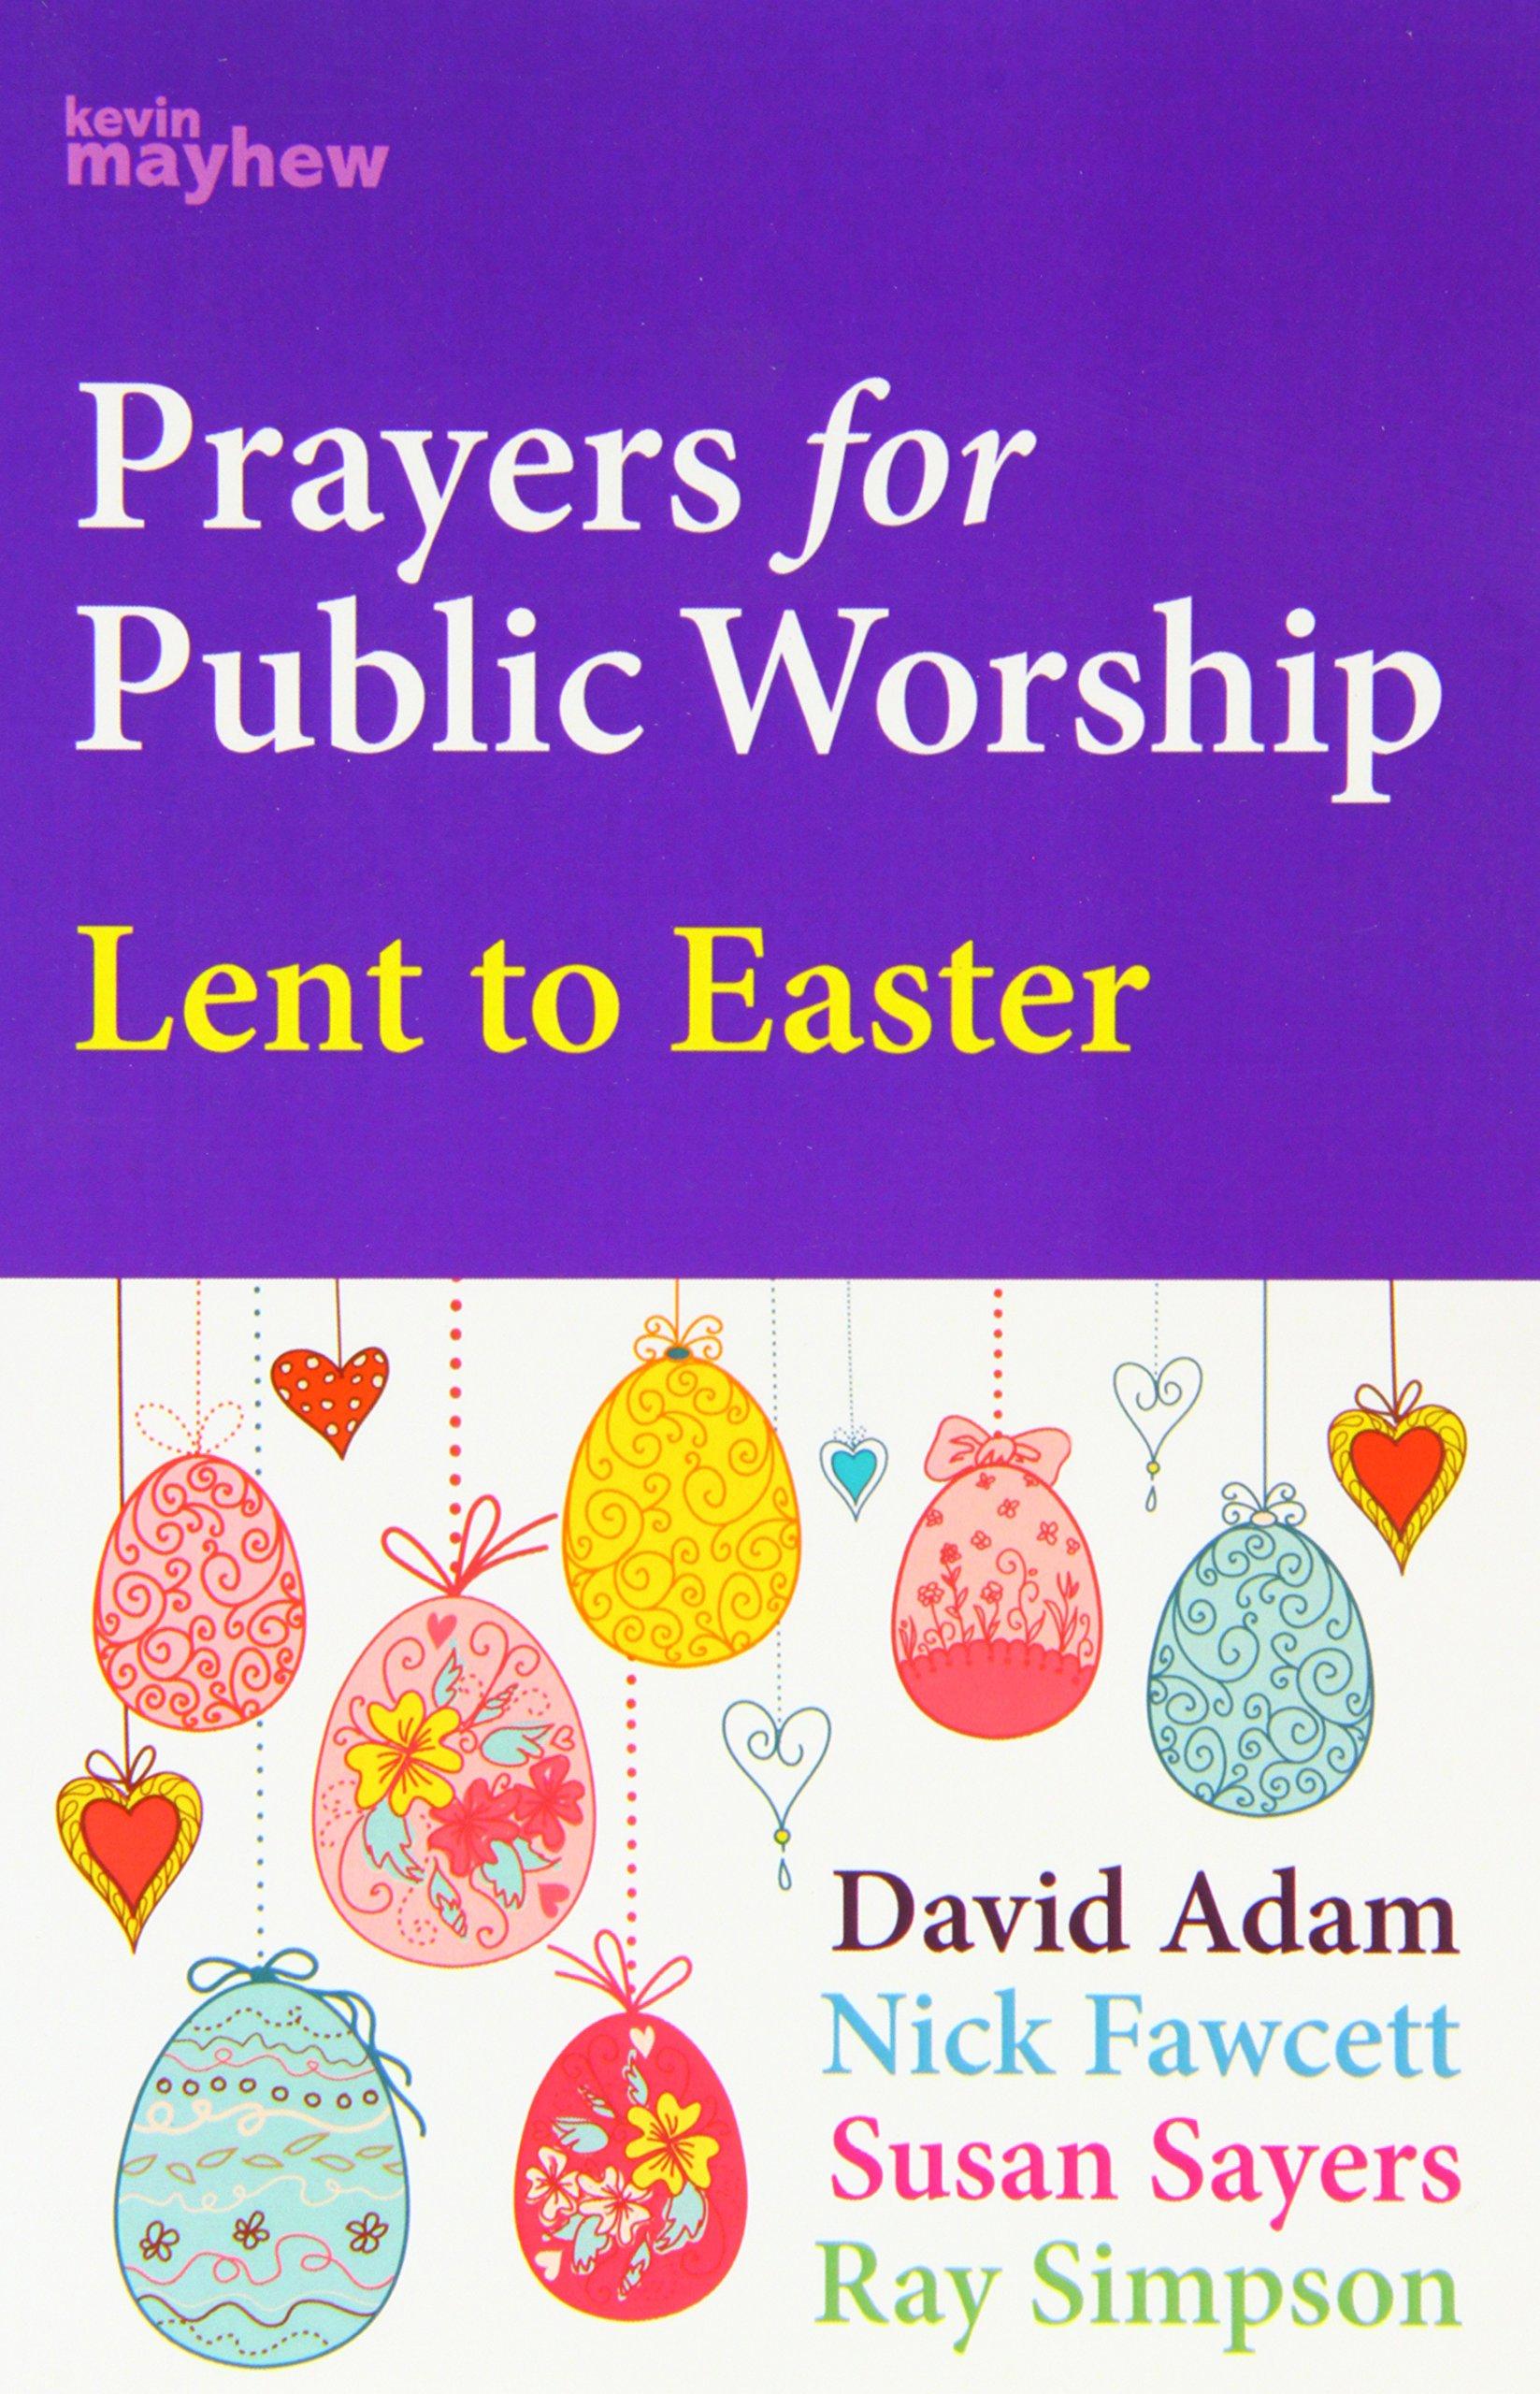 Prayers for Public Worship Lent to Easte (Christian Books)